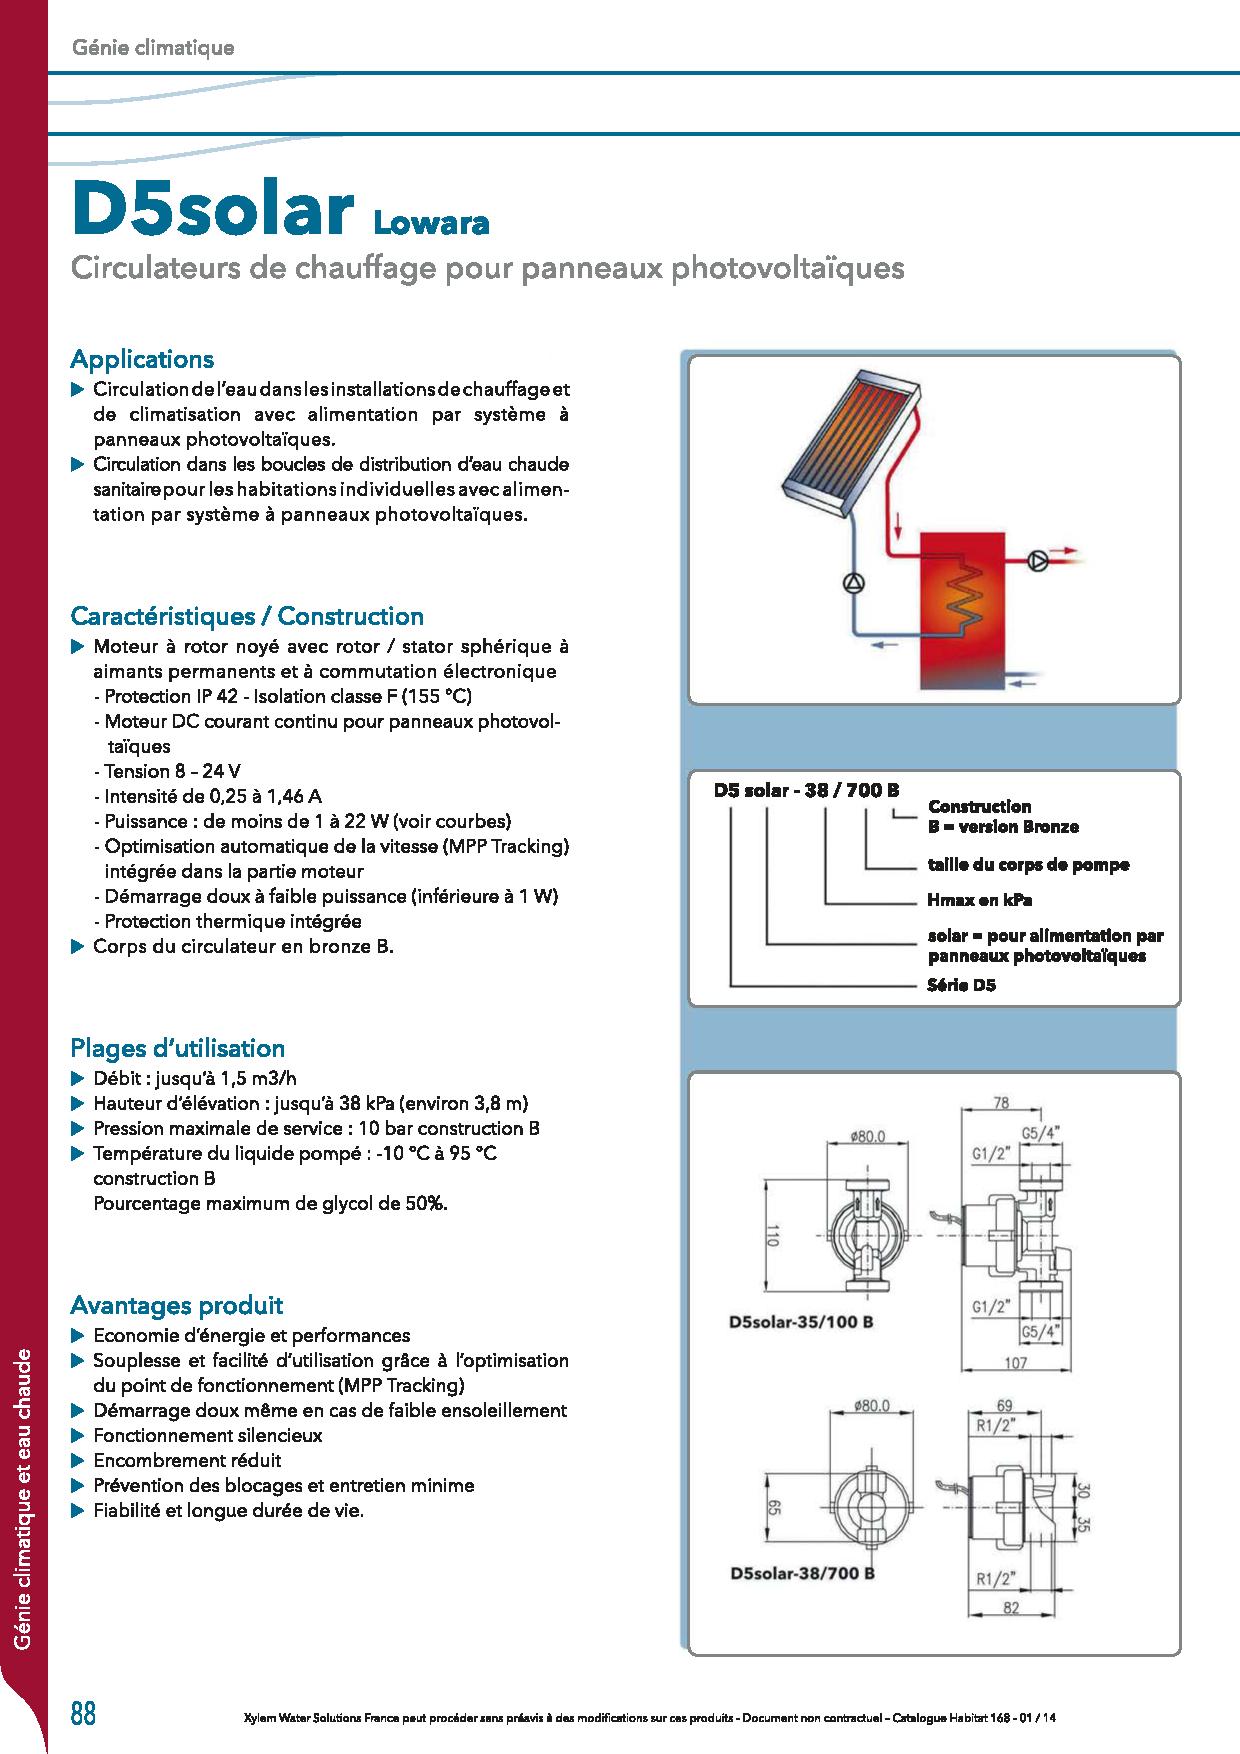 Puissance Panneau Photovoltaique en ce qui concerne circulateur panneau photovoltaique d5 solar lowara